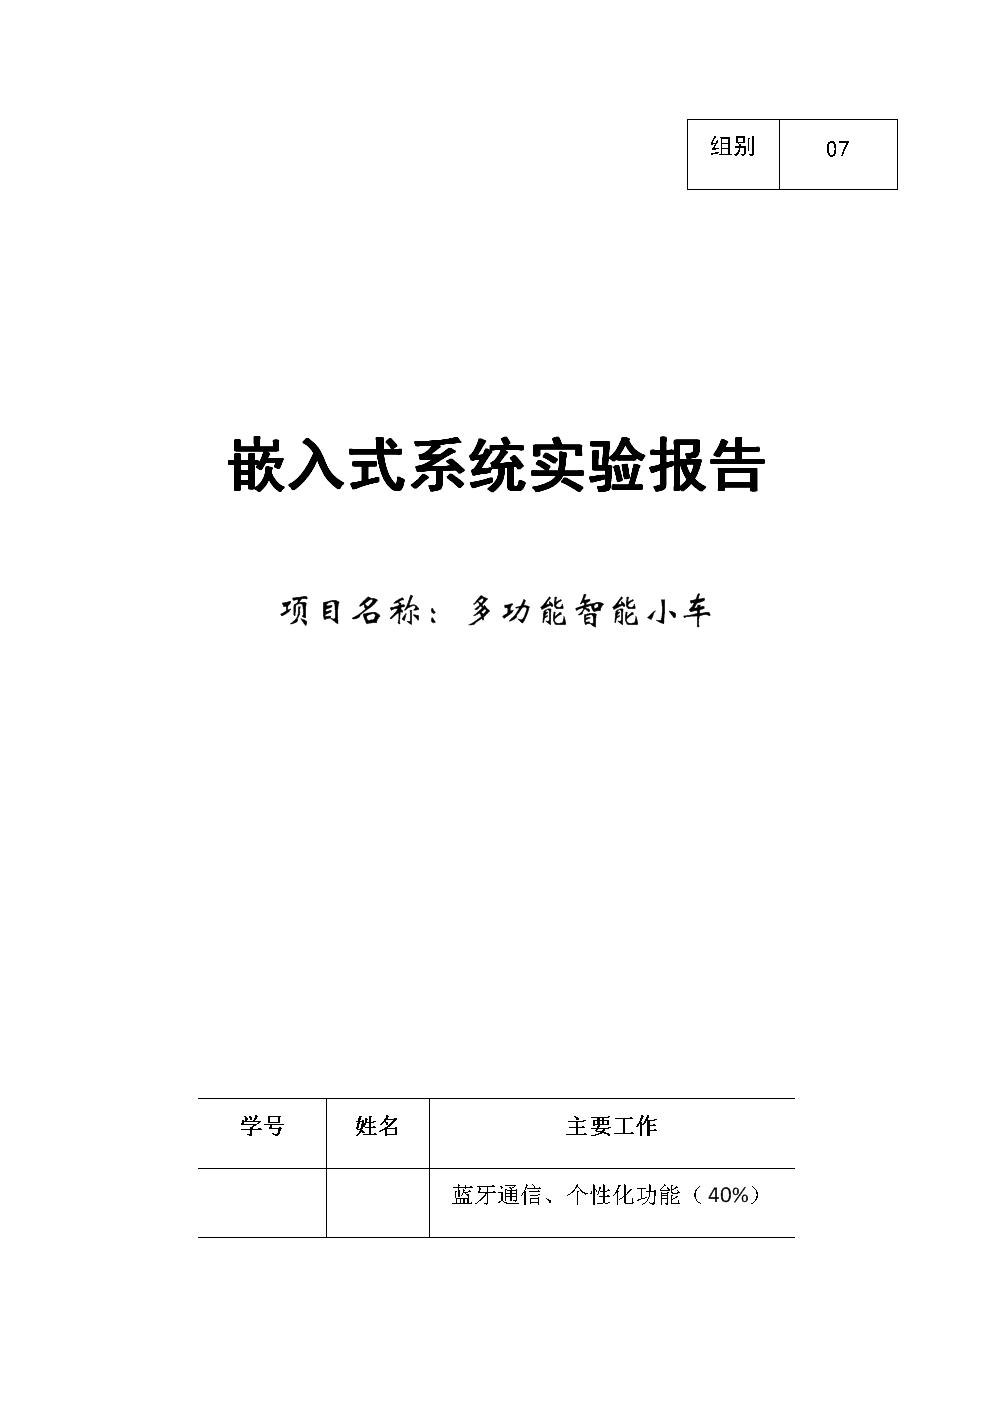 嵌入式实验报告 多功能智能小车.docx